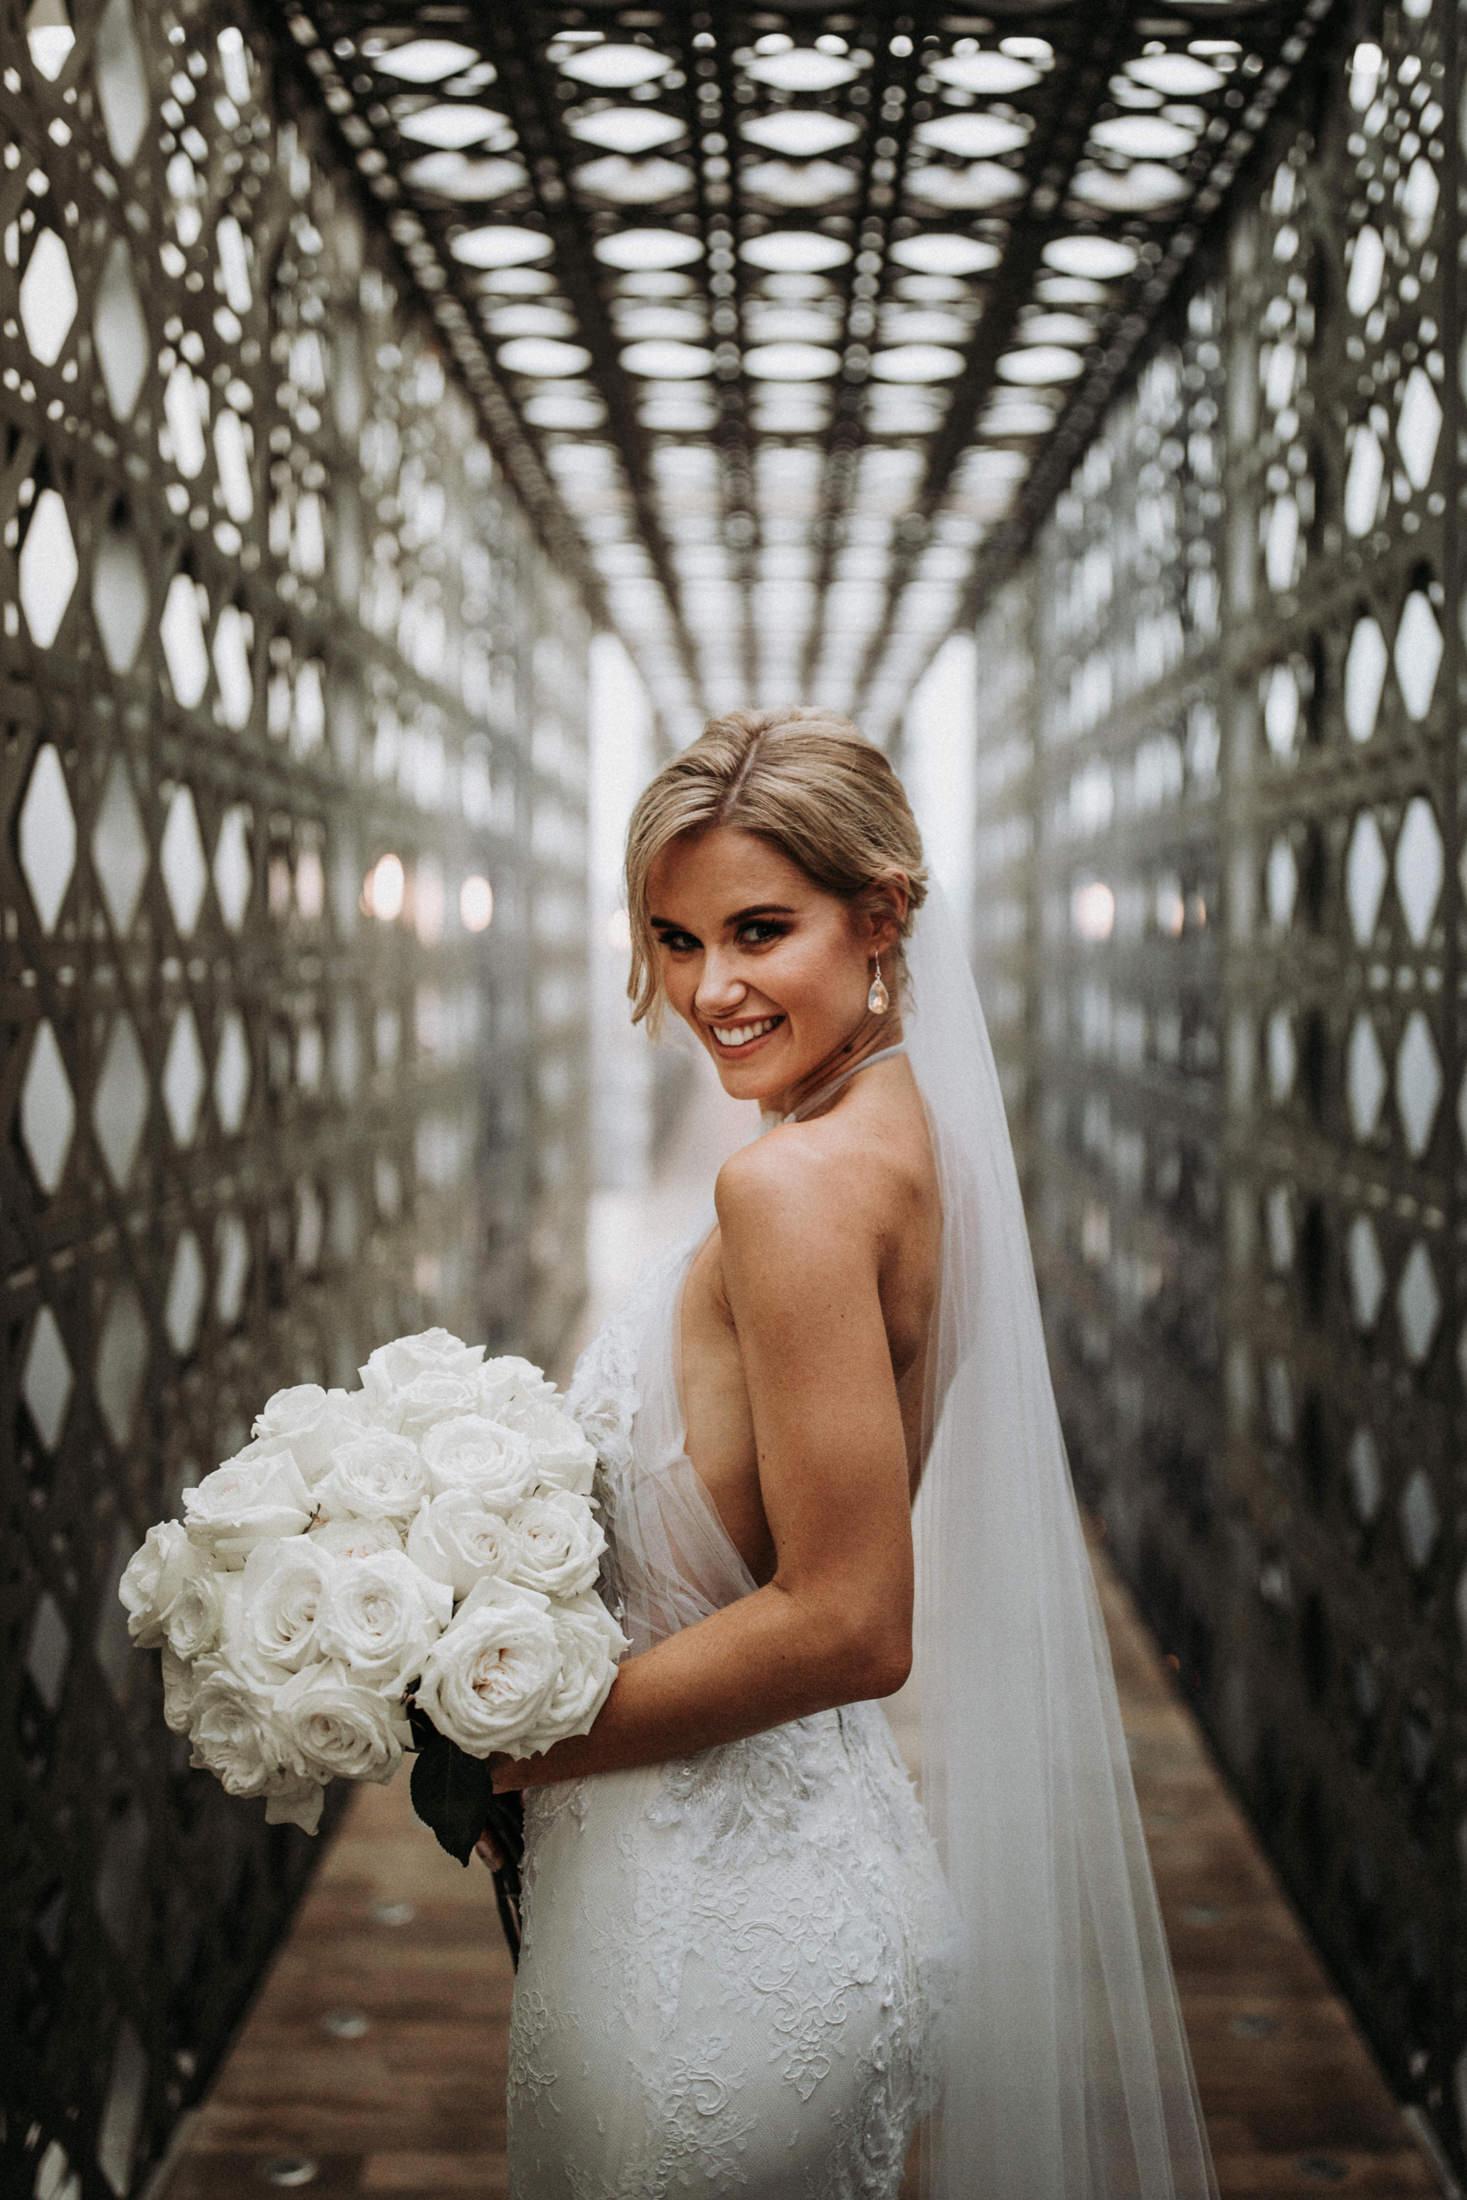 DanielaMarquardt_Wedding_Thailand_318